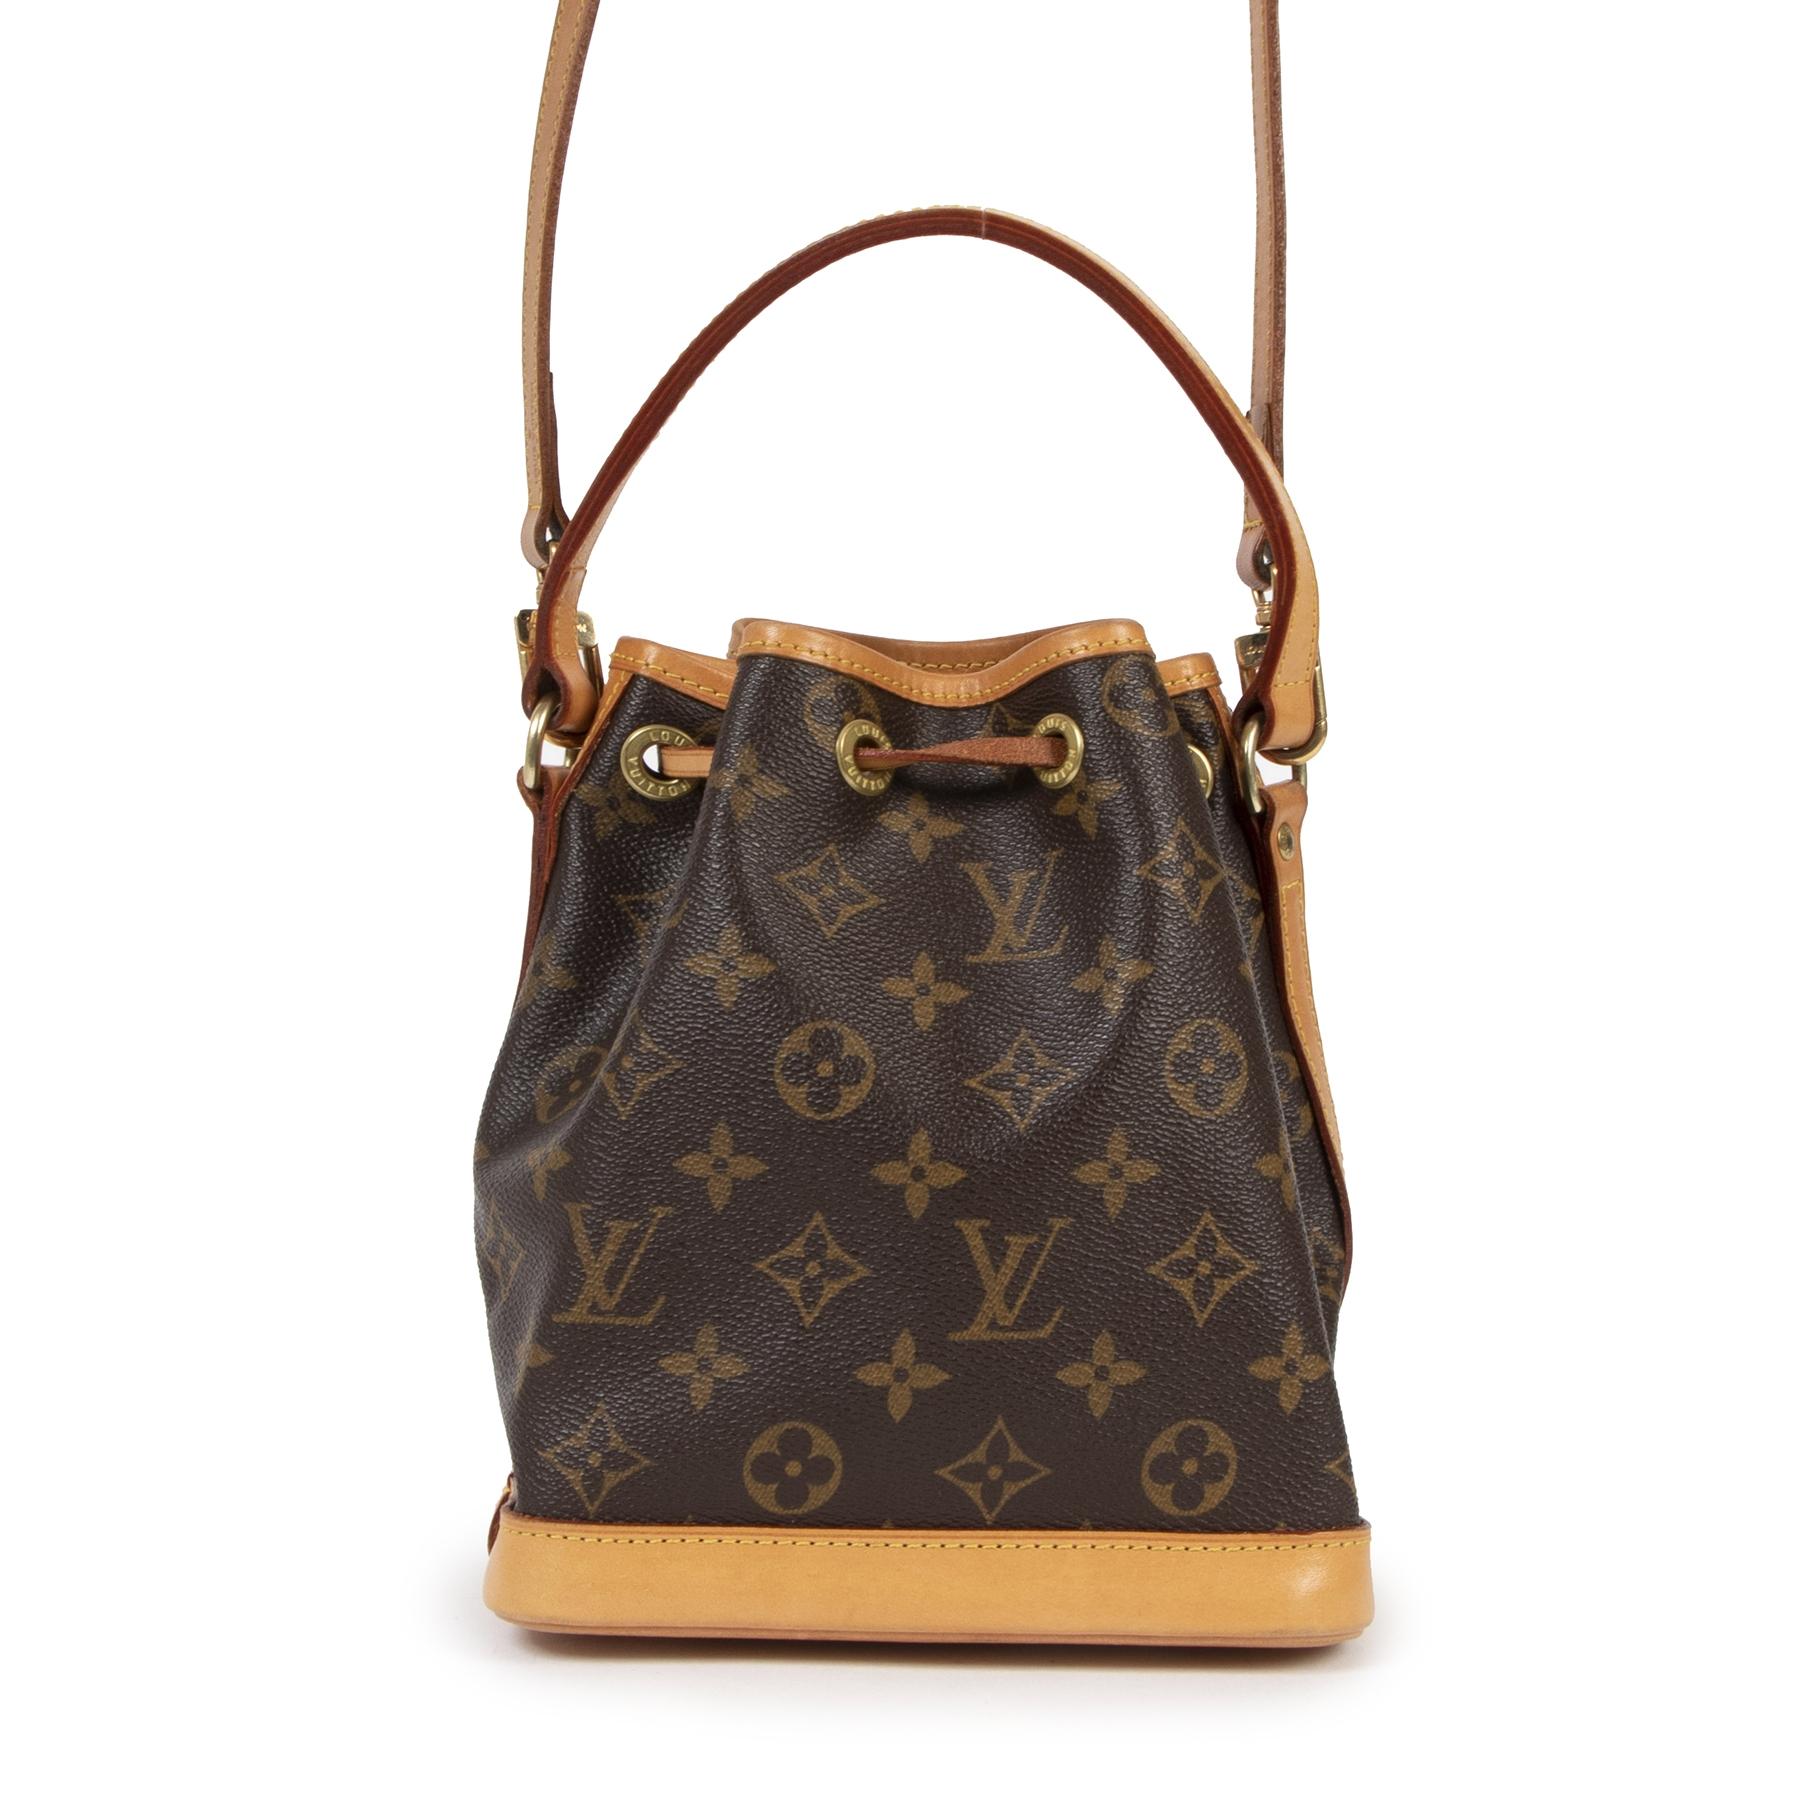 Authentieke Tweedehands Louis Vuitton Monogram Mini Noé Bucket Bag + Strap juiste prijs veilig online shoppen luxe merken webshop winkelen Antwerpen België mode fashion